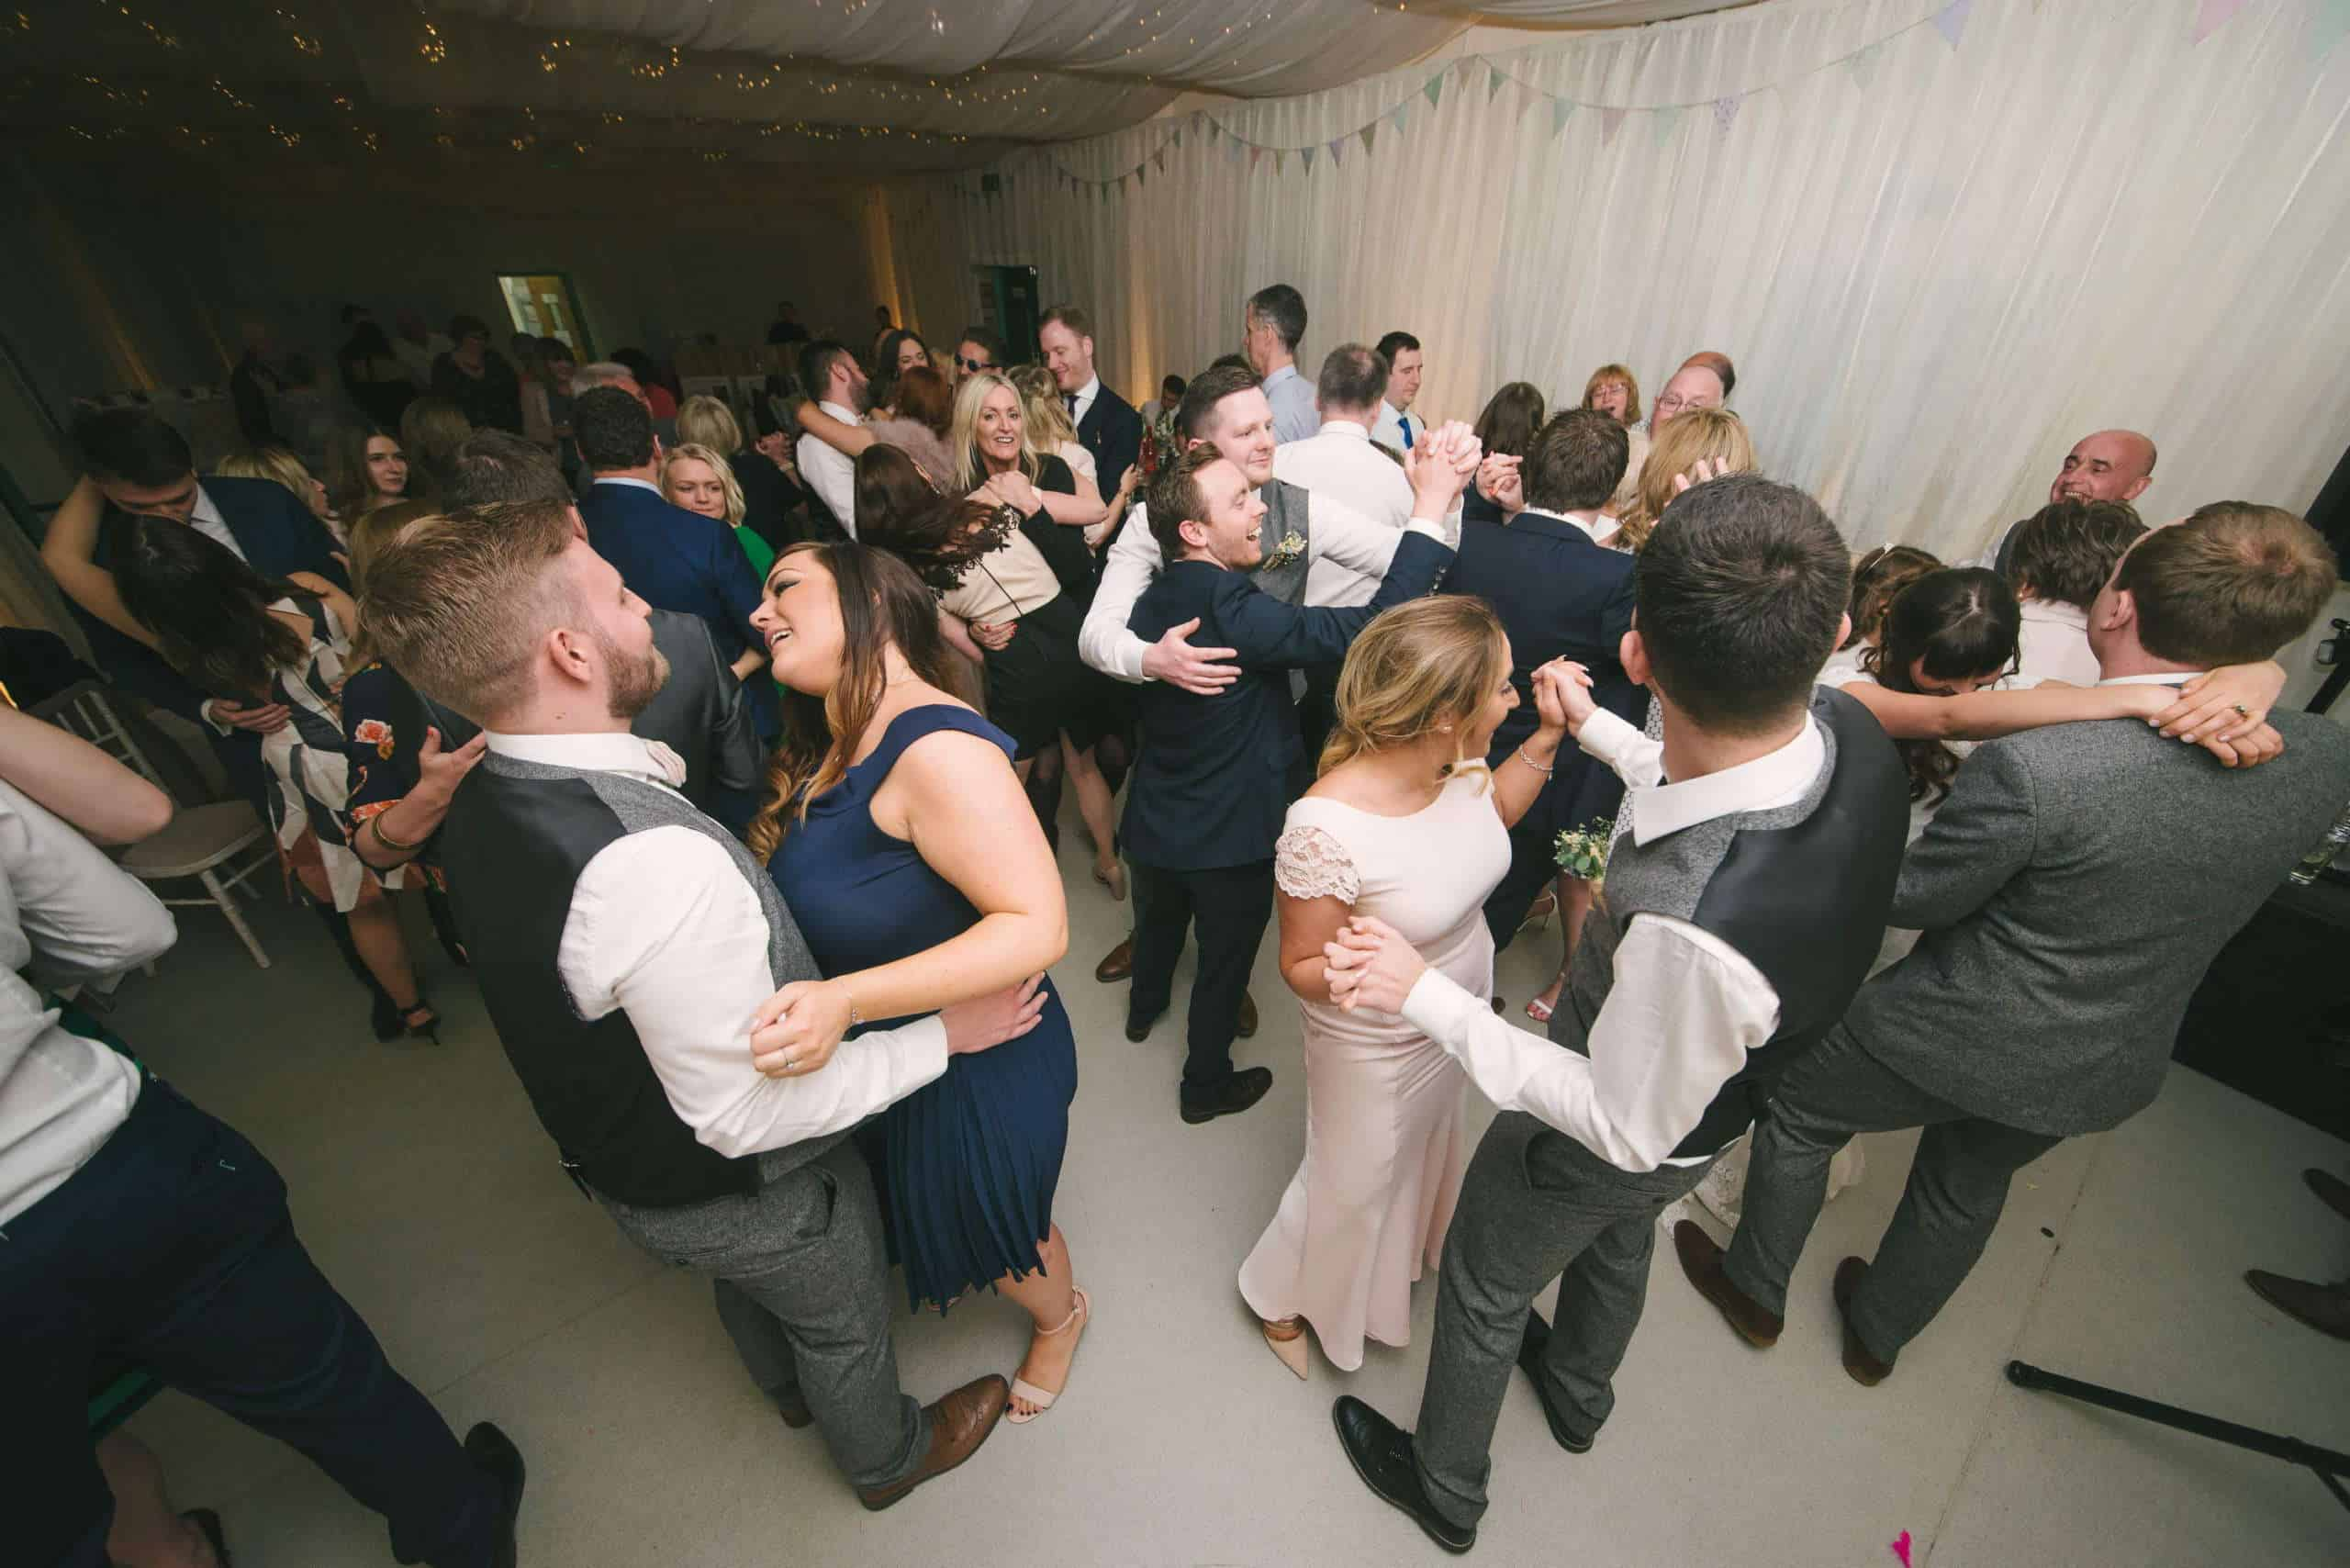 230416 Essex Wedding Photography Baddow Gallerywood 137